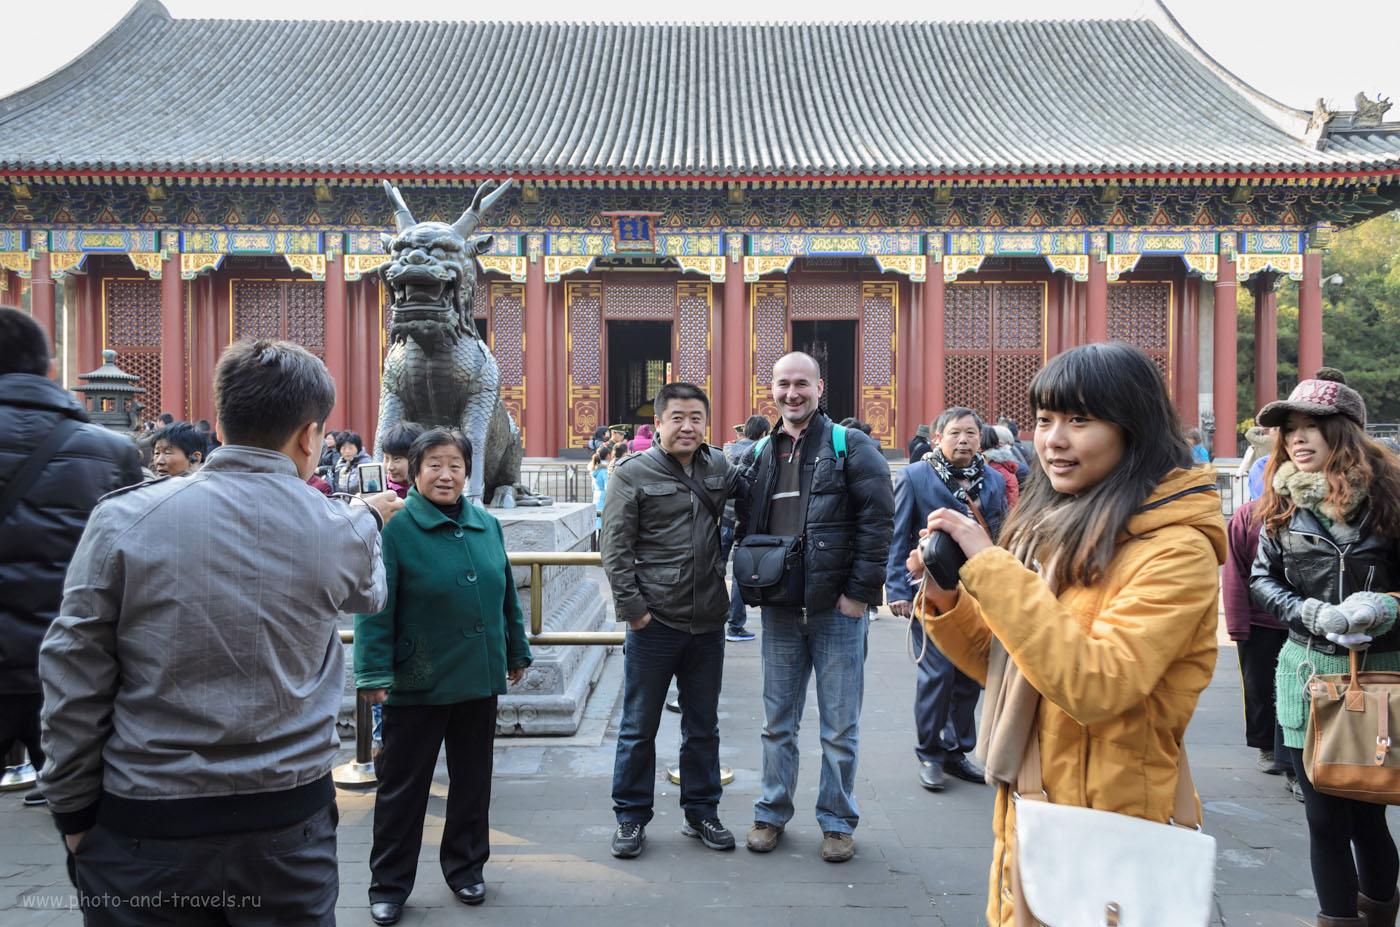 Фото 1. Отдых в Китае. Вы почувствуете себя телезвездой. С вами просятся сфотографироваться по двадцать раз за день. Фото снято в Летнем Императорском Дворце в Пекине